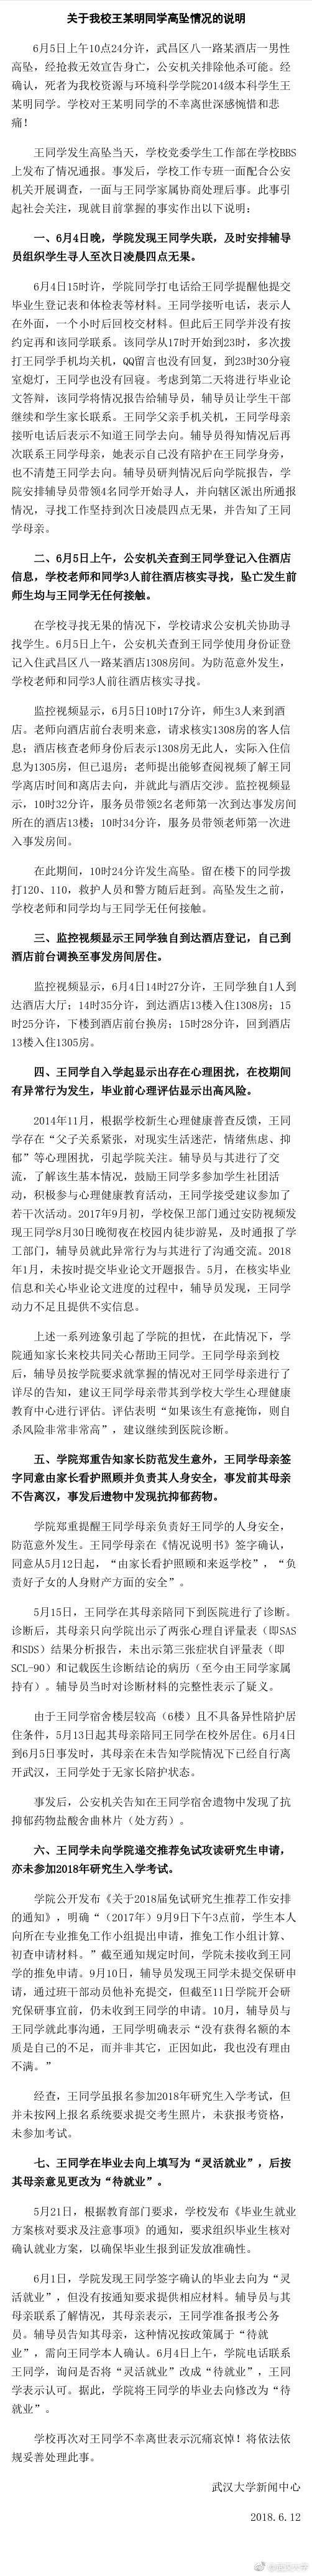 武汉大学大四学生坠楼身亡 校方称其遗物有抗抑郁药